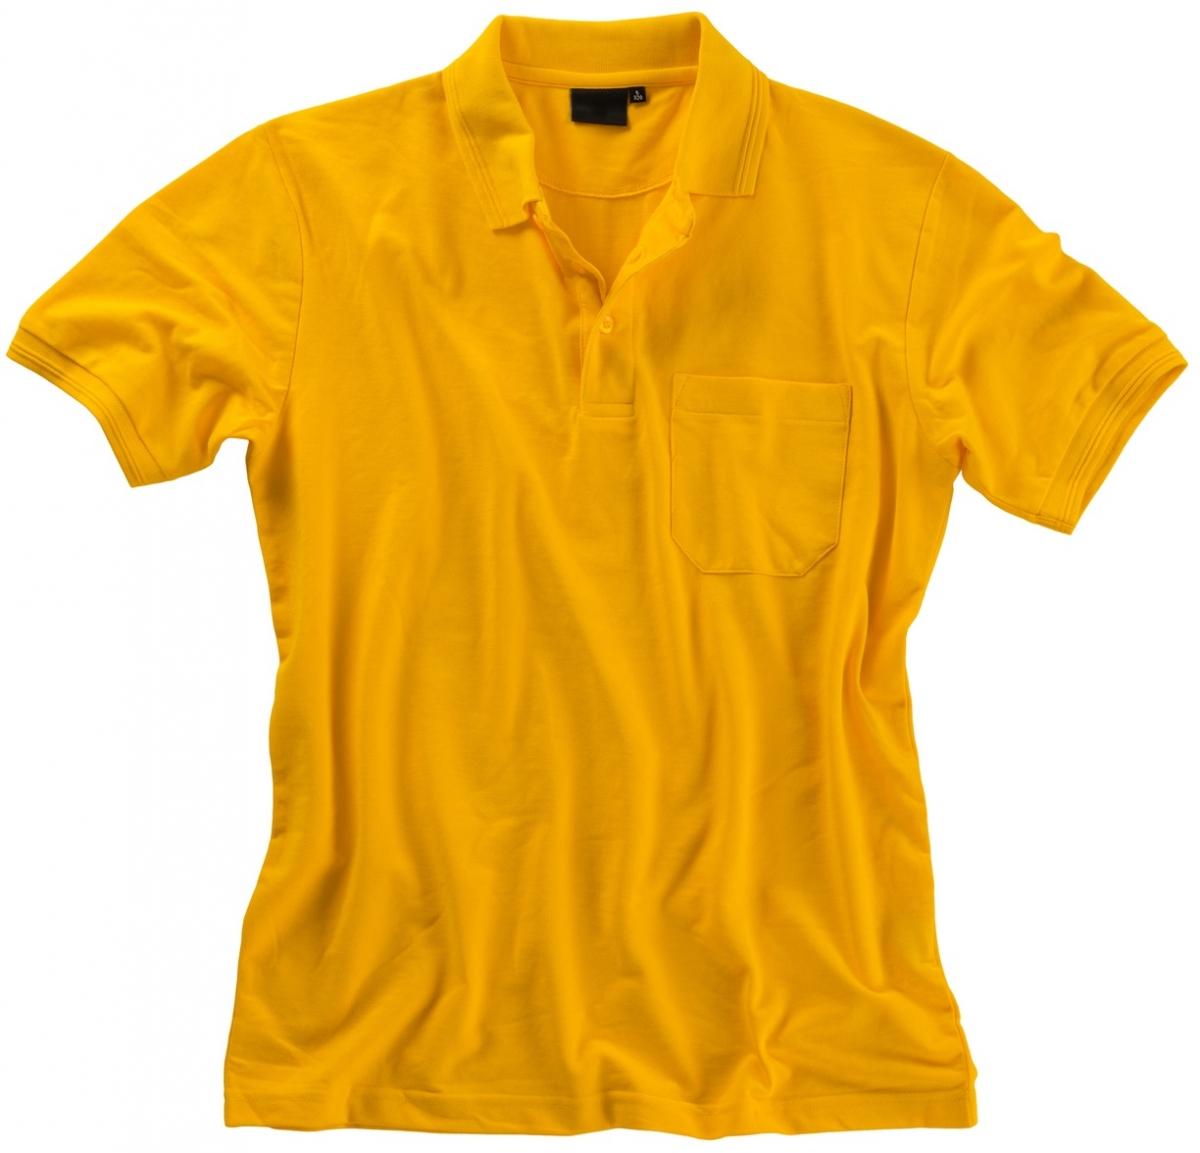 BEB Polo-Shirt Premium, MG 210/220, gelb